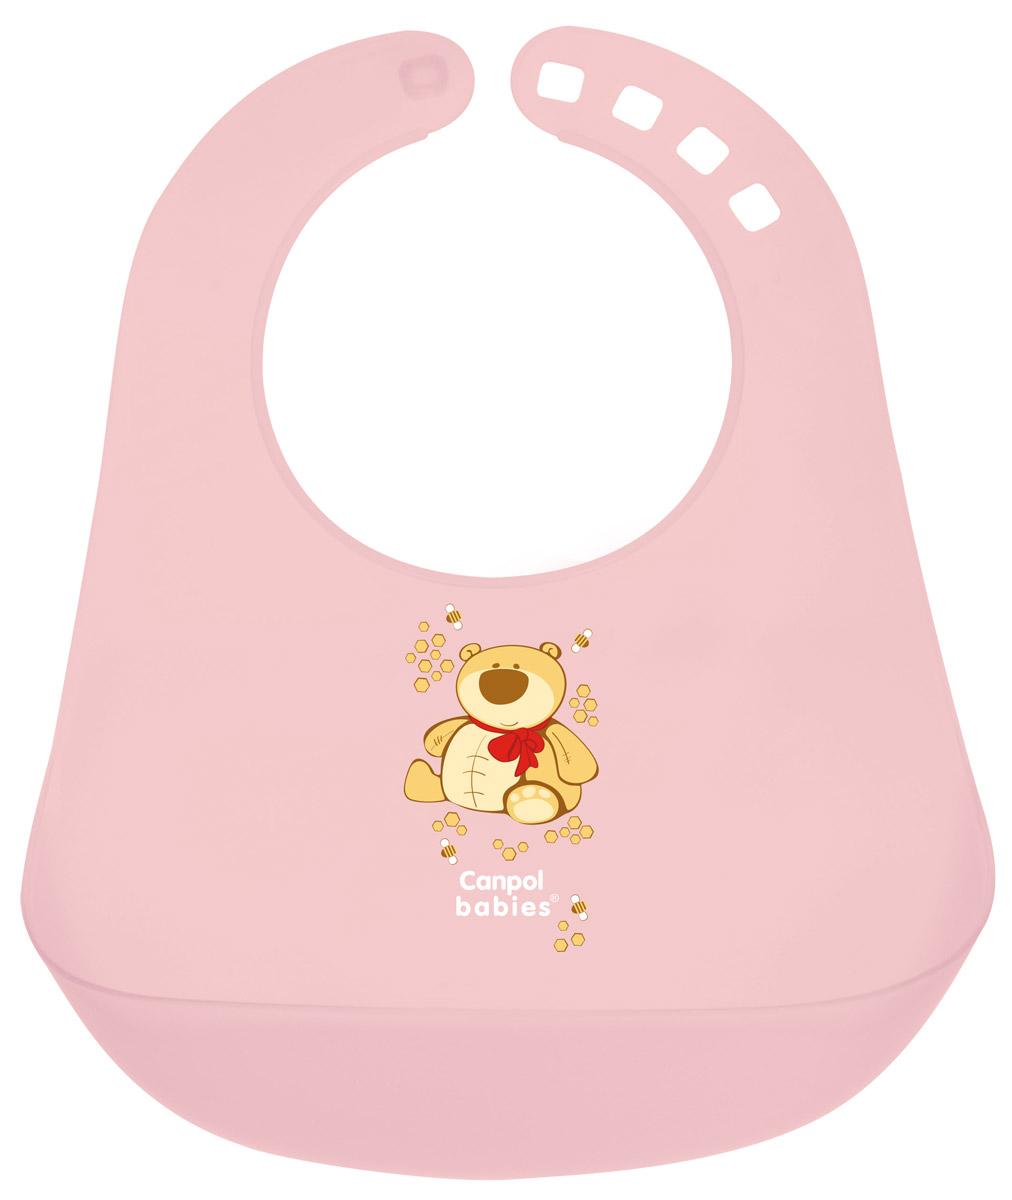 Фото Canpol Babies Нагрудник пластиковый цвет розовый. Купить  в РФ